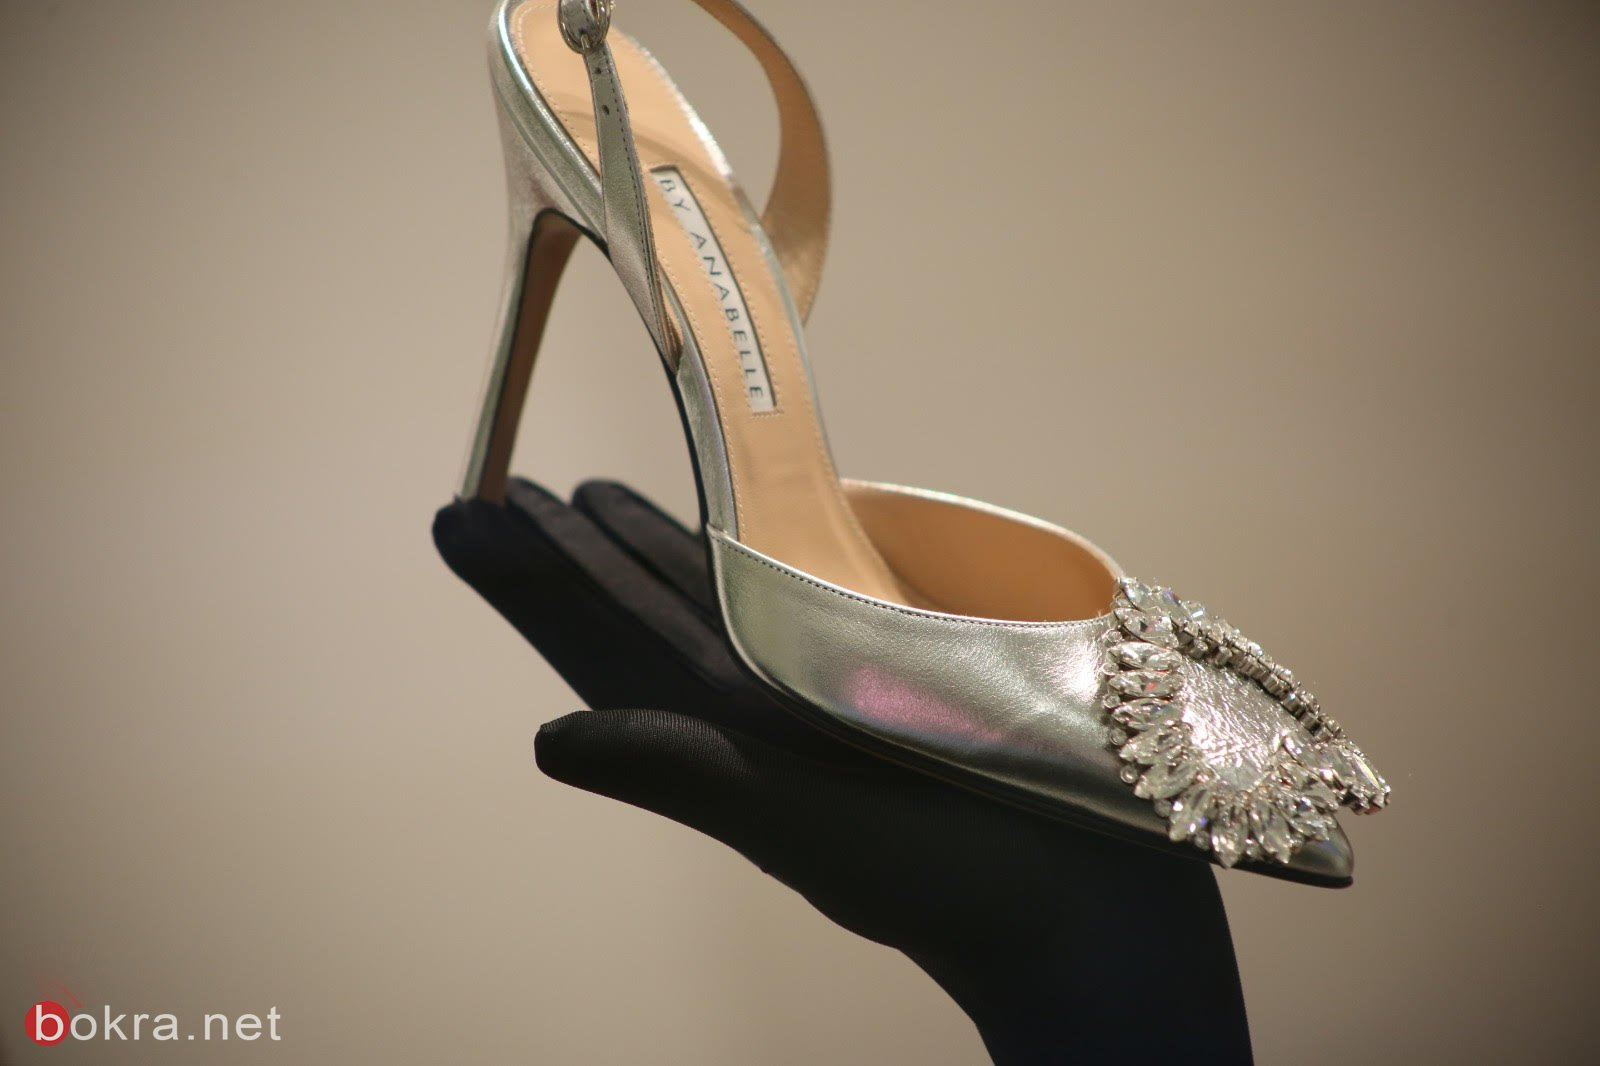 منسقة الملابس ليالي حوا، تأخذكم إلى عالمٍ مليء بالأحذية الأنيقة بتصميم خاص